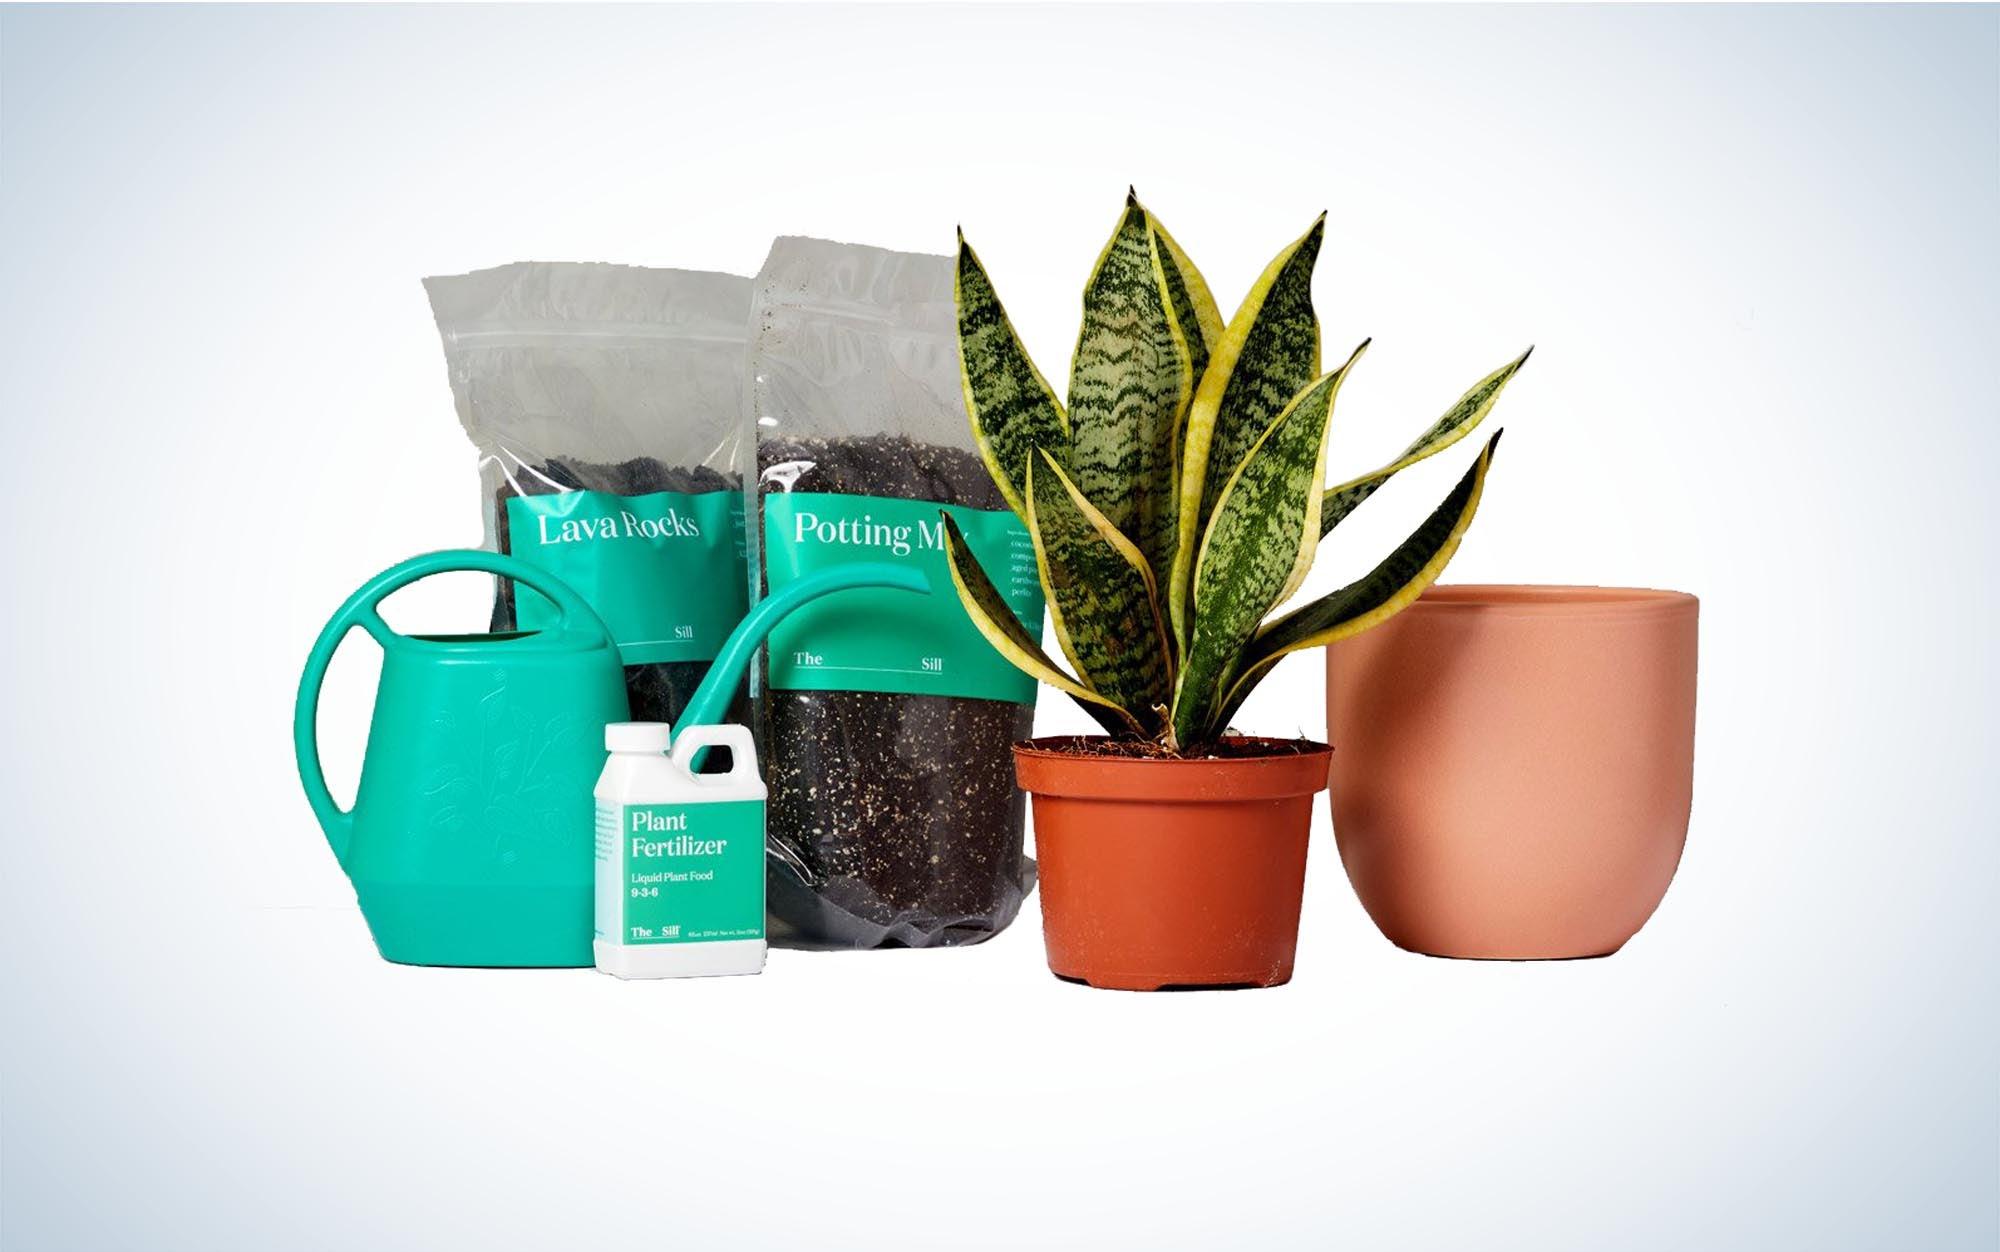 Plants and fertilizer